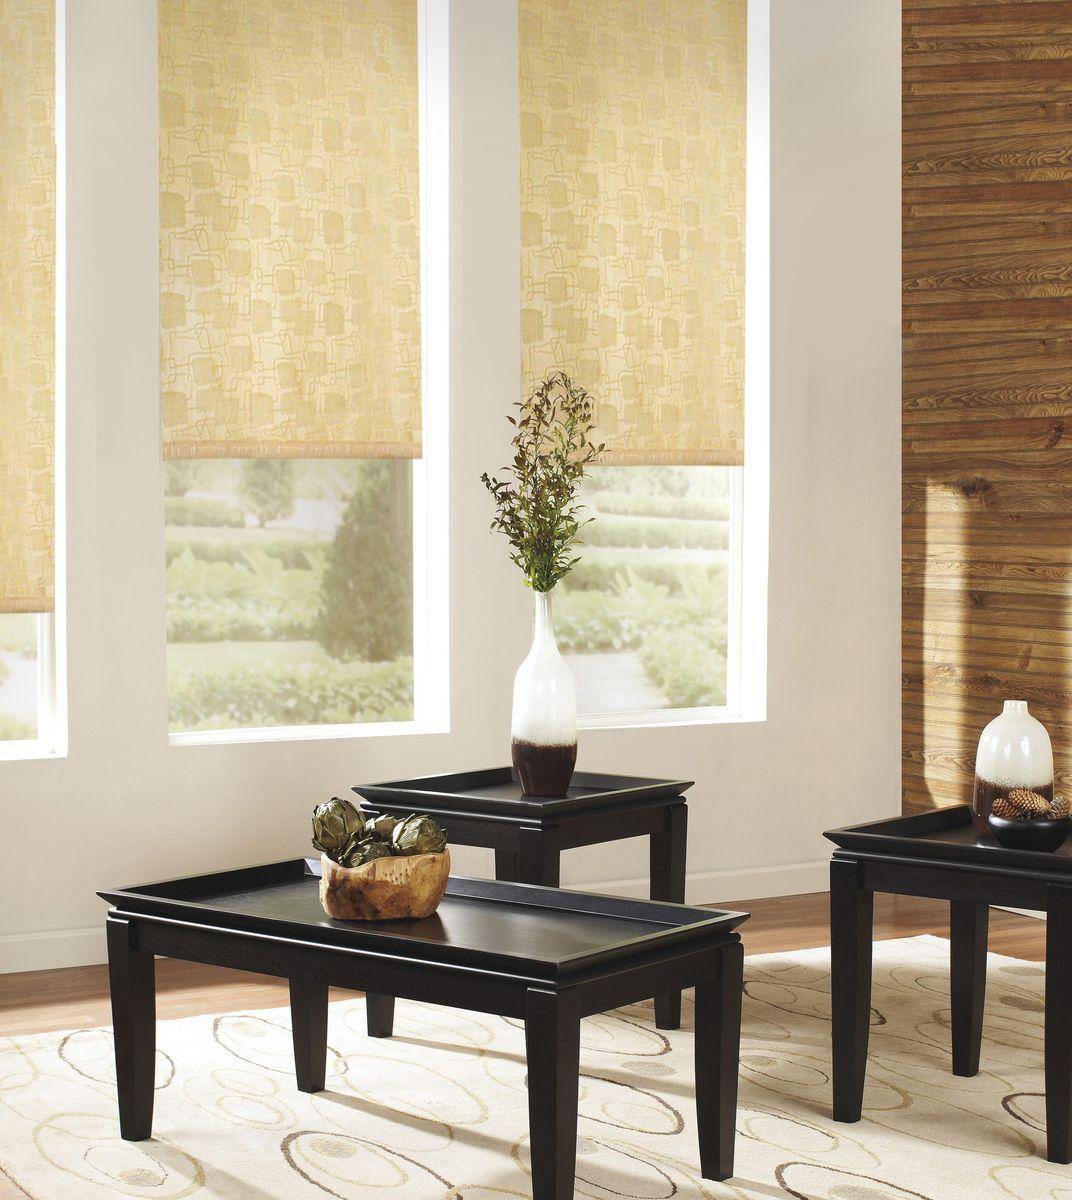 Штора рулонная Эскар Эдем, цвет: золотистый, ширина 80 см, высота 160 см87212080160Рулонными шторами можно оформлять окна как самостоятельно, так и использовать в комбинации с портьерами. Это поможет предотвратить выгорание дорогой ткани на солнце и соединит функционал рулонных с красотой навесных. Преимущества применения рулонных штор для пластиковых окон: - имеют прекрасный внешний вид: многообразие и фактурность материала изделия отлично смотрятся в любом интерьере; - многофункциональны: есть возможность подобрать шторы способные эффективно защитить комнату от солнца, при этом она не будет слишком темной. - Есть возможность осуществить быстрый монтаж. ВНИМАНИЕ! Размеры ширины изделия указаны по ширине ткани! Во время эксплуатации не рекомендуется полностью разматывать рулон, чтобы не оторвать ткань от намоточного вала. В случае загрязнения поверхности ткани, чистку шторы проводят одним из способов, в зависимости от типа загрязнения: легкое поверхностное загрязнение можно удалить при помощи канцелярского ластика; чистка от пыли производится сухим методом при...